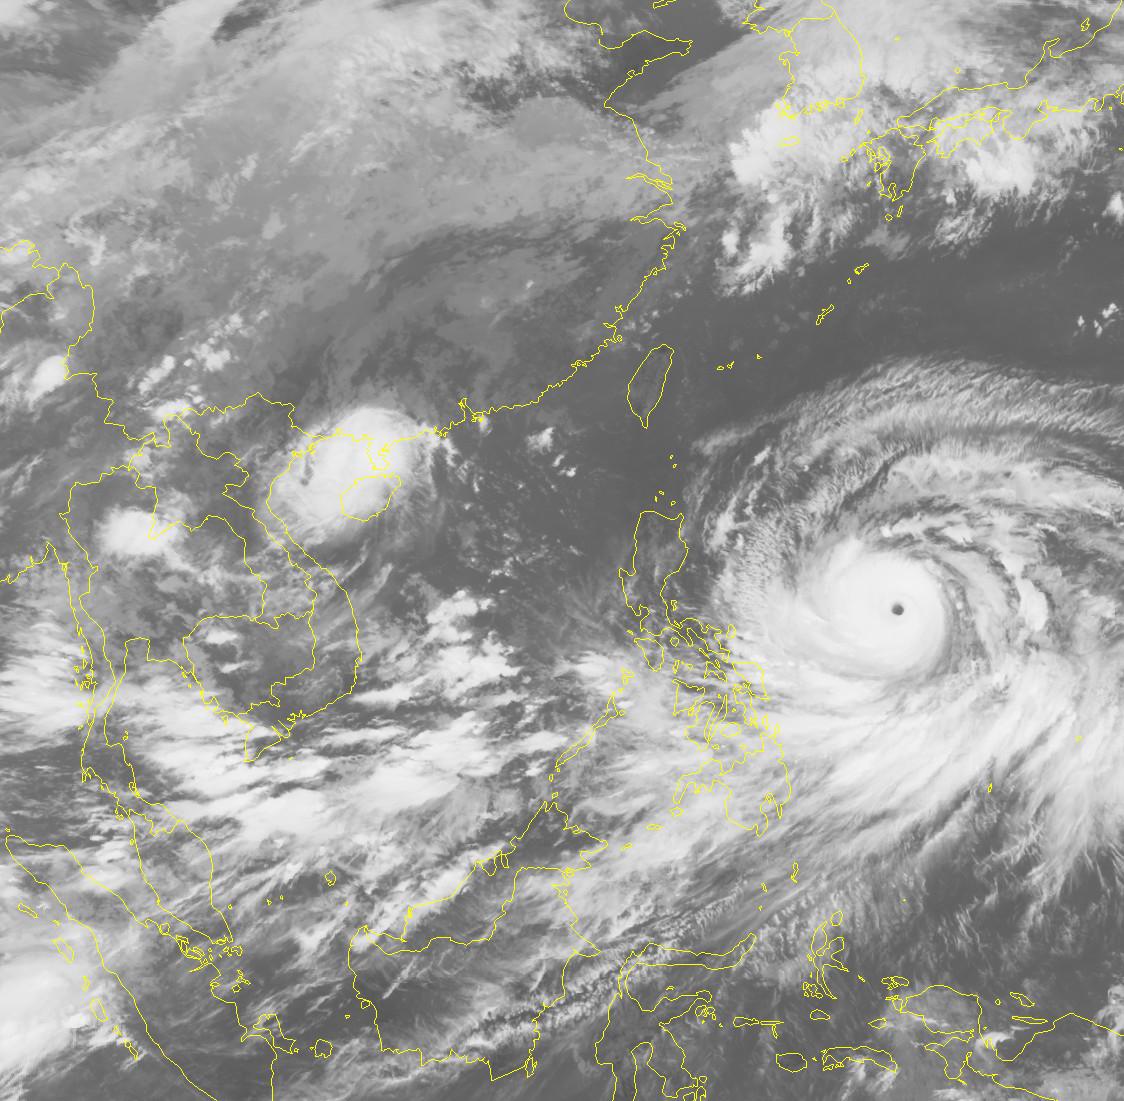 Cơ quan dự báo thời tiết Philippines đang theo dõi sát sao đường đi và diễn biến của bão Mangkhut (tên địa phương là bão Ompong). Ảnh: AP